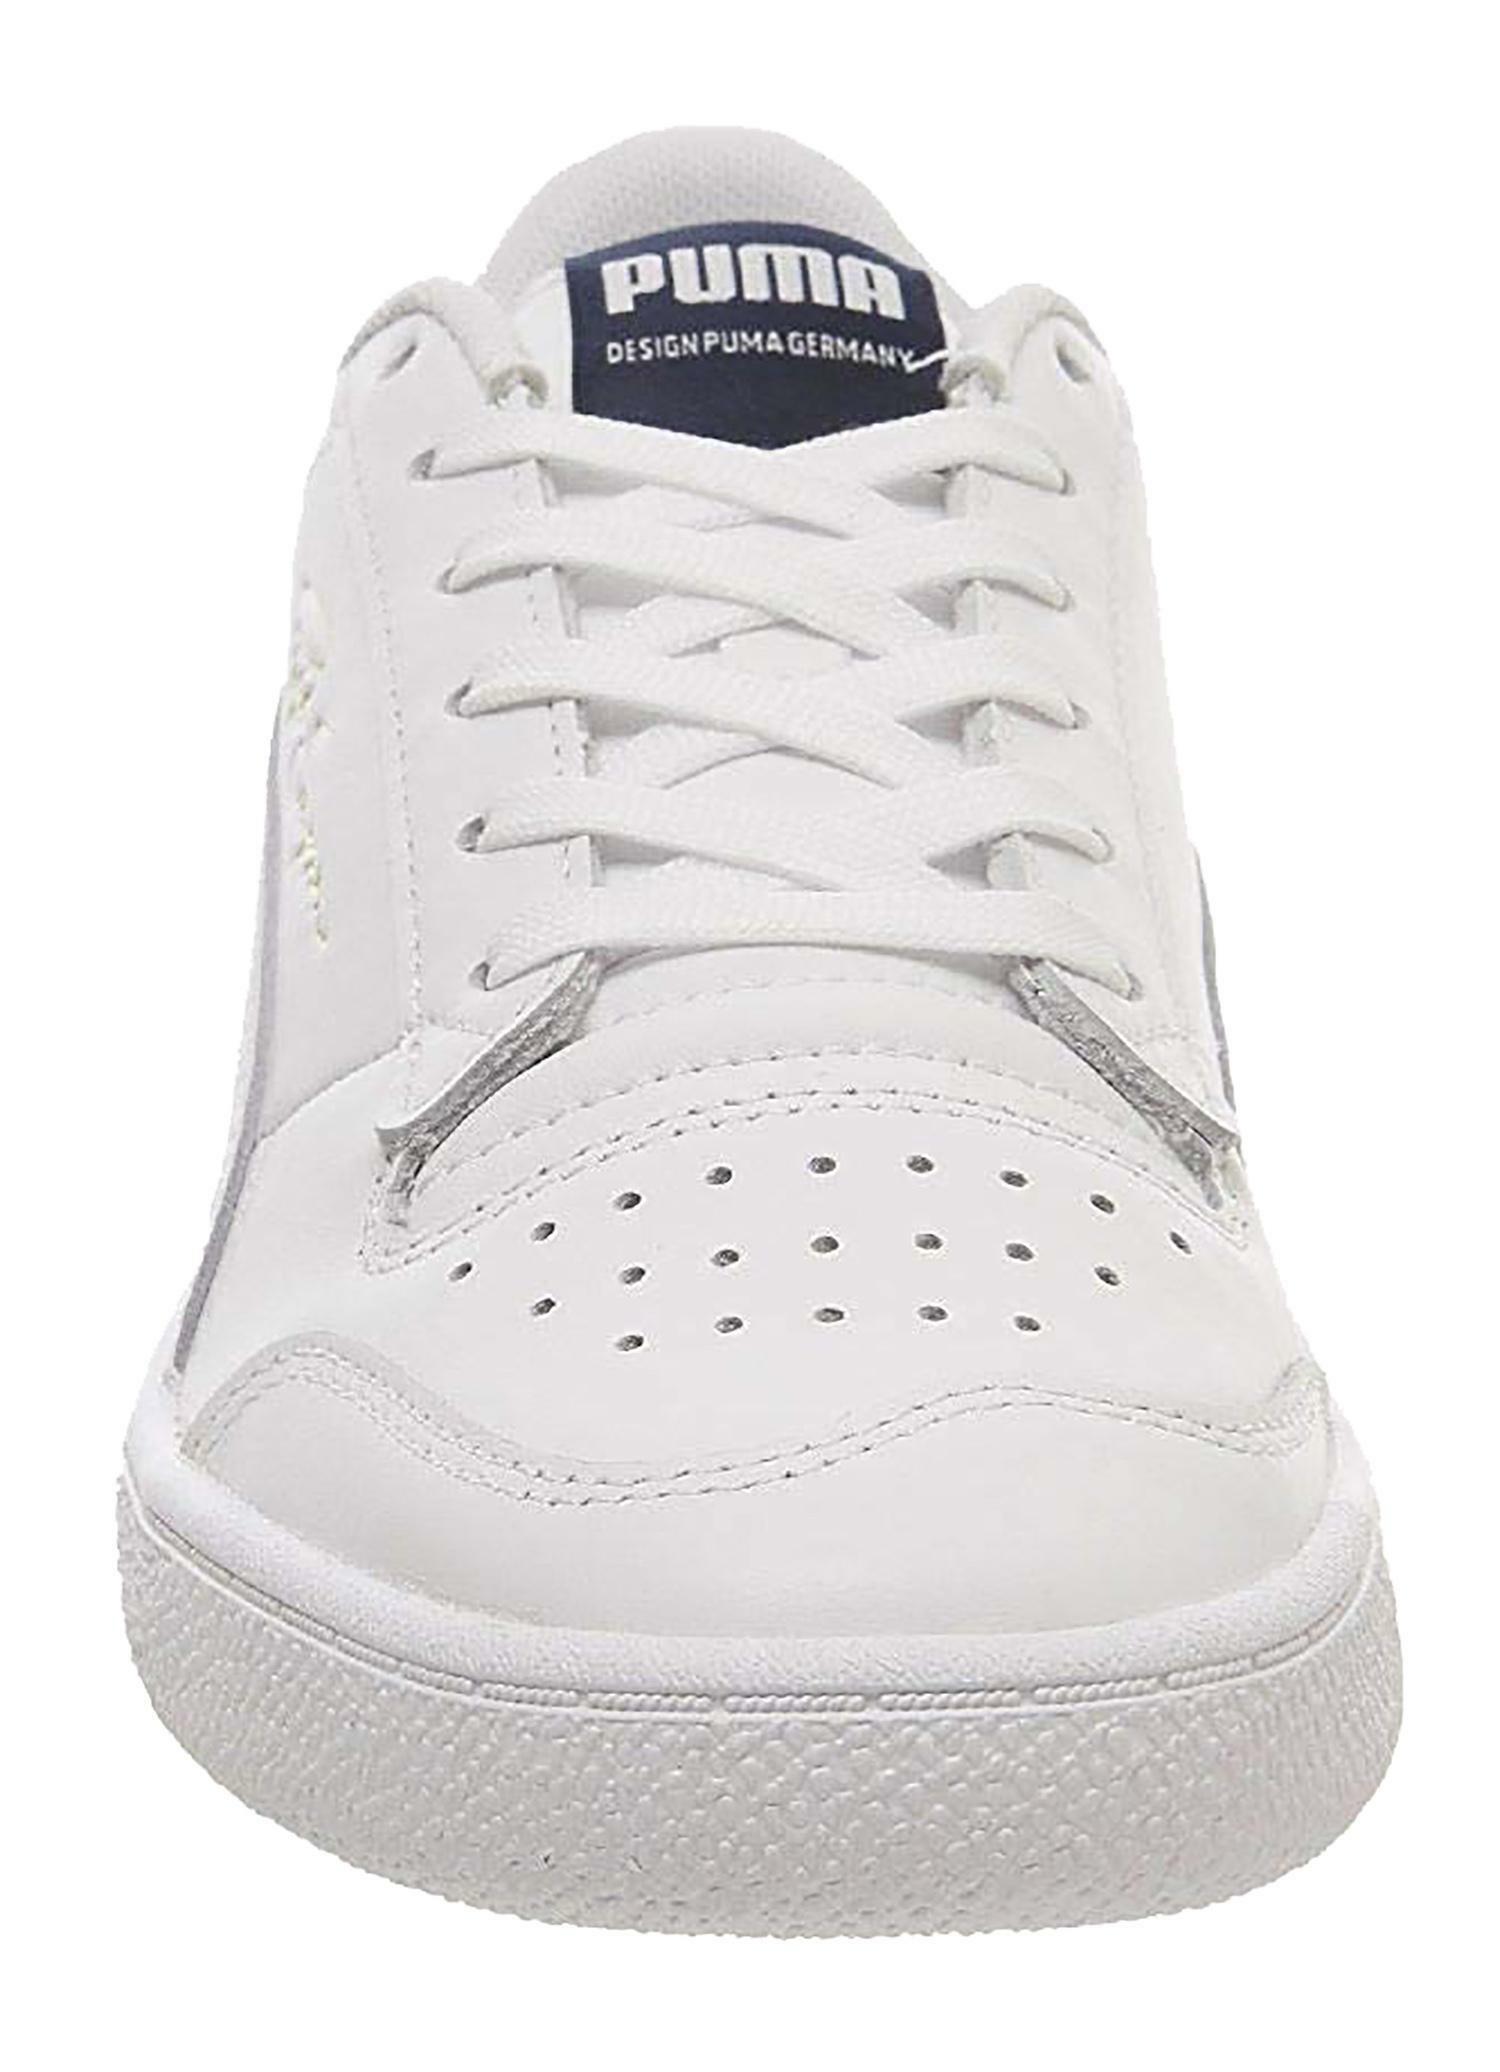 puma ralph sampson lo scarpe sportive uomo bianche 37084602